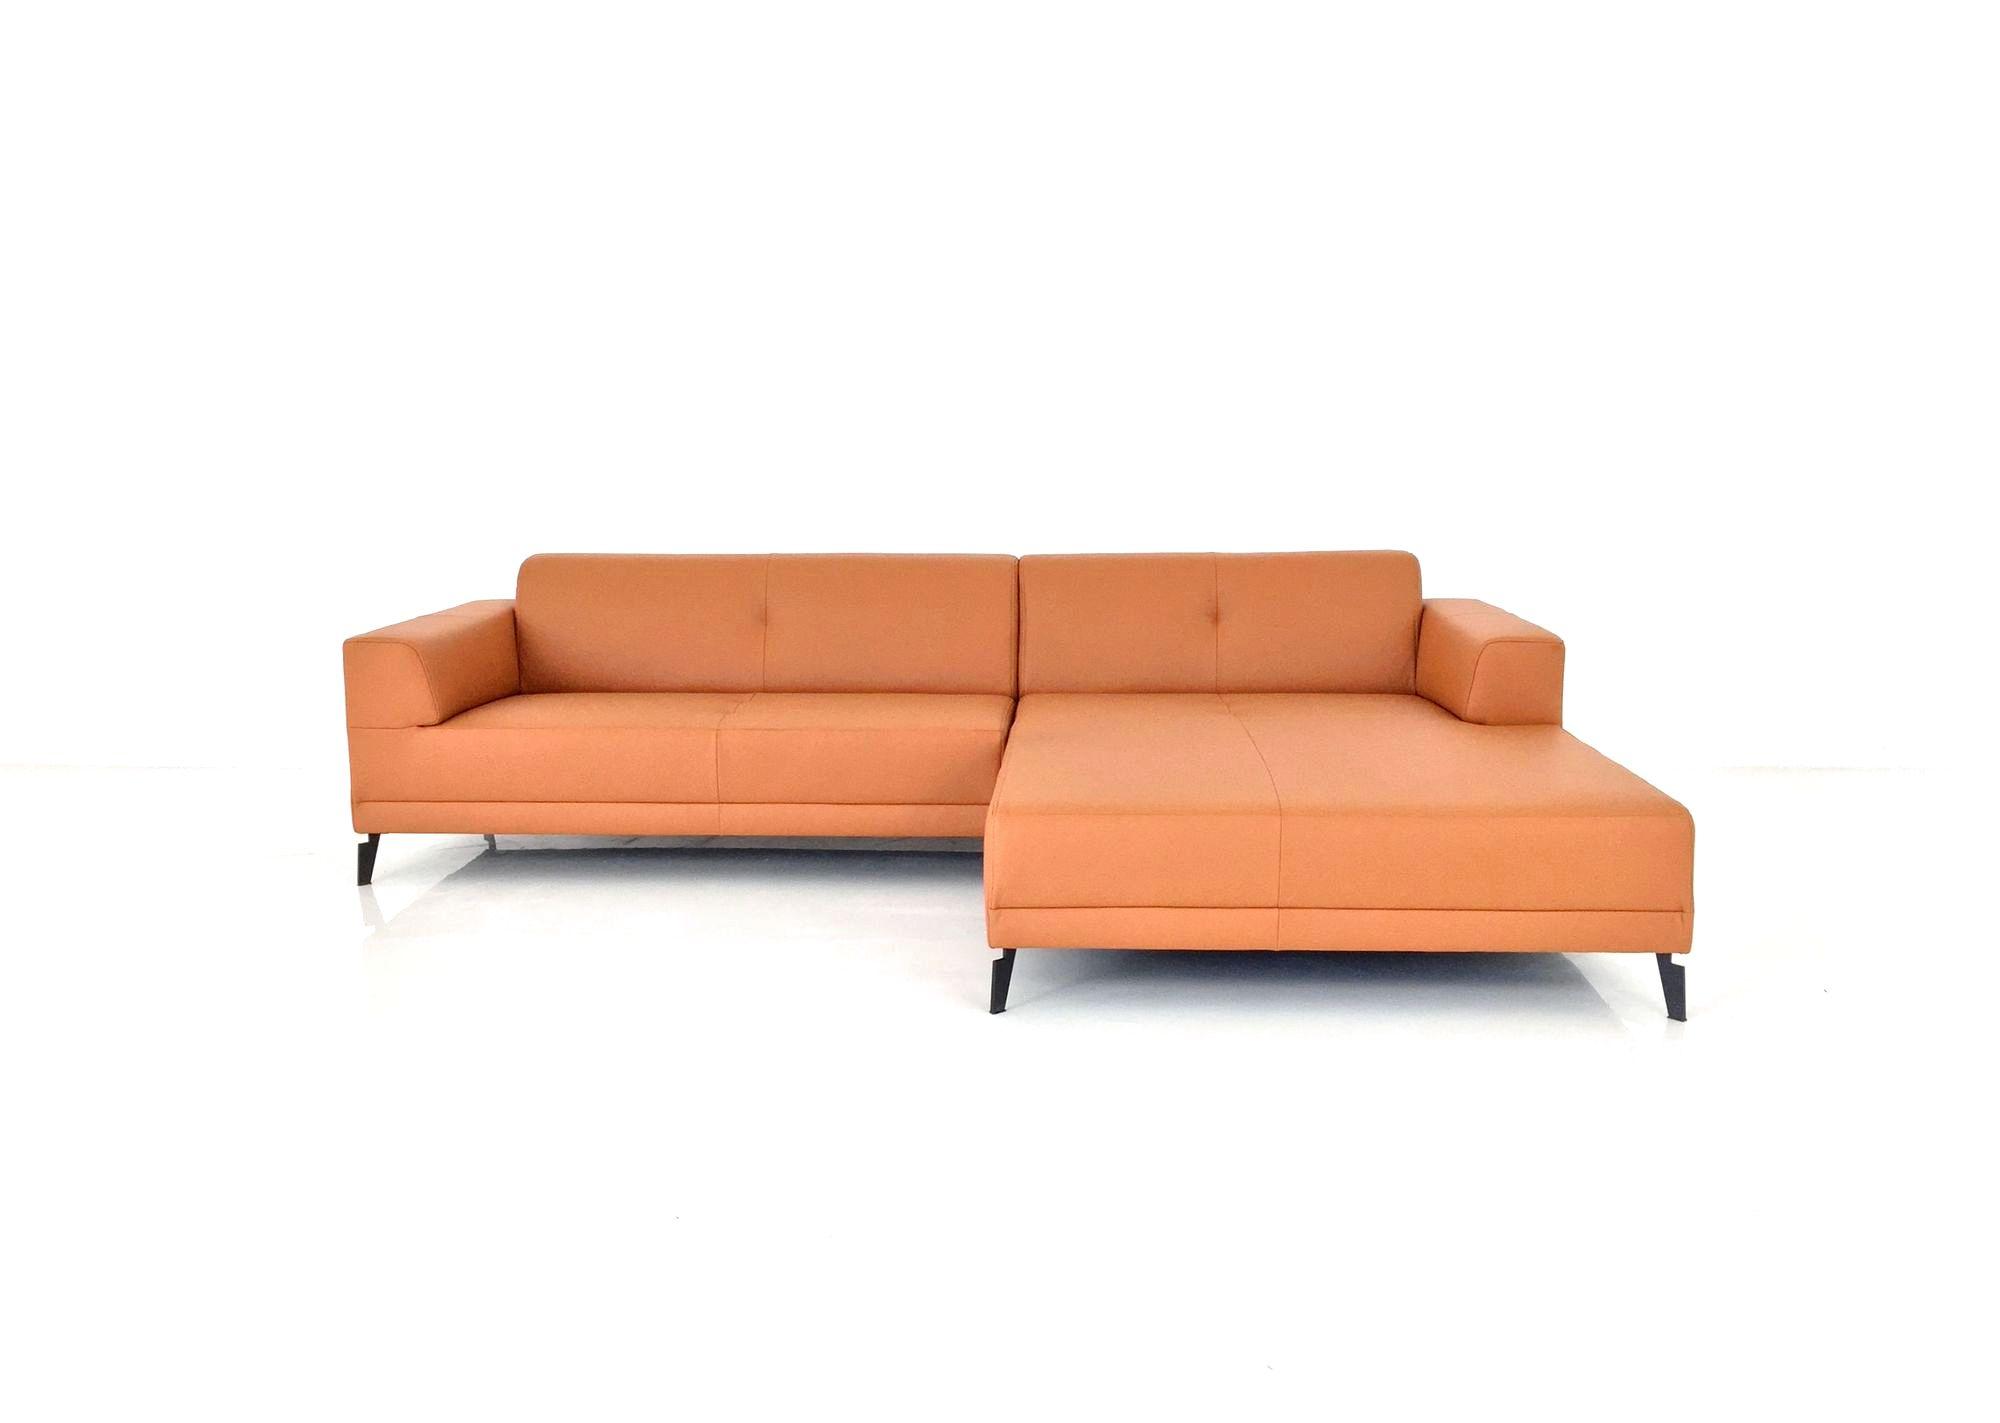 freistil 189 freistil rolf benz izabela k. Black Bedroom Furniture Sets. Home Design Ideas